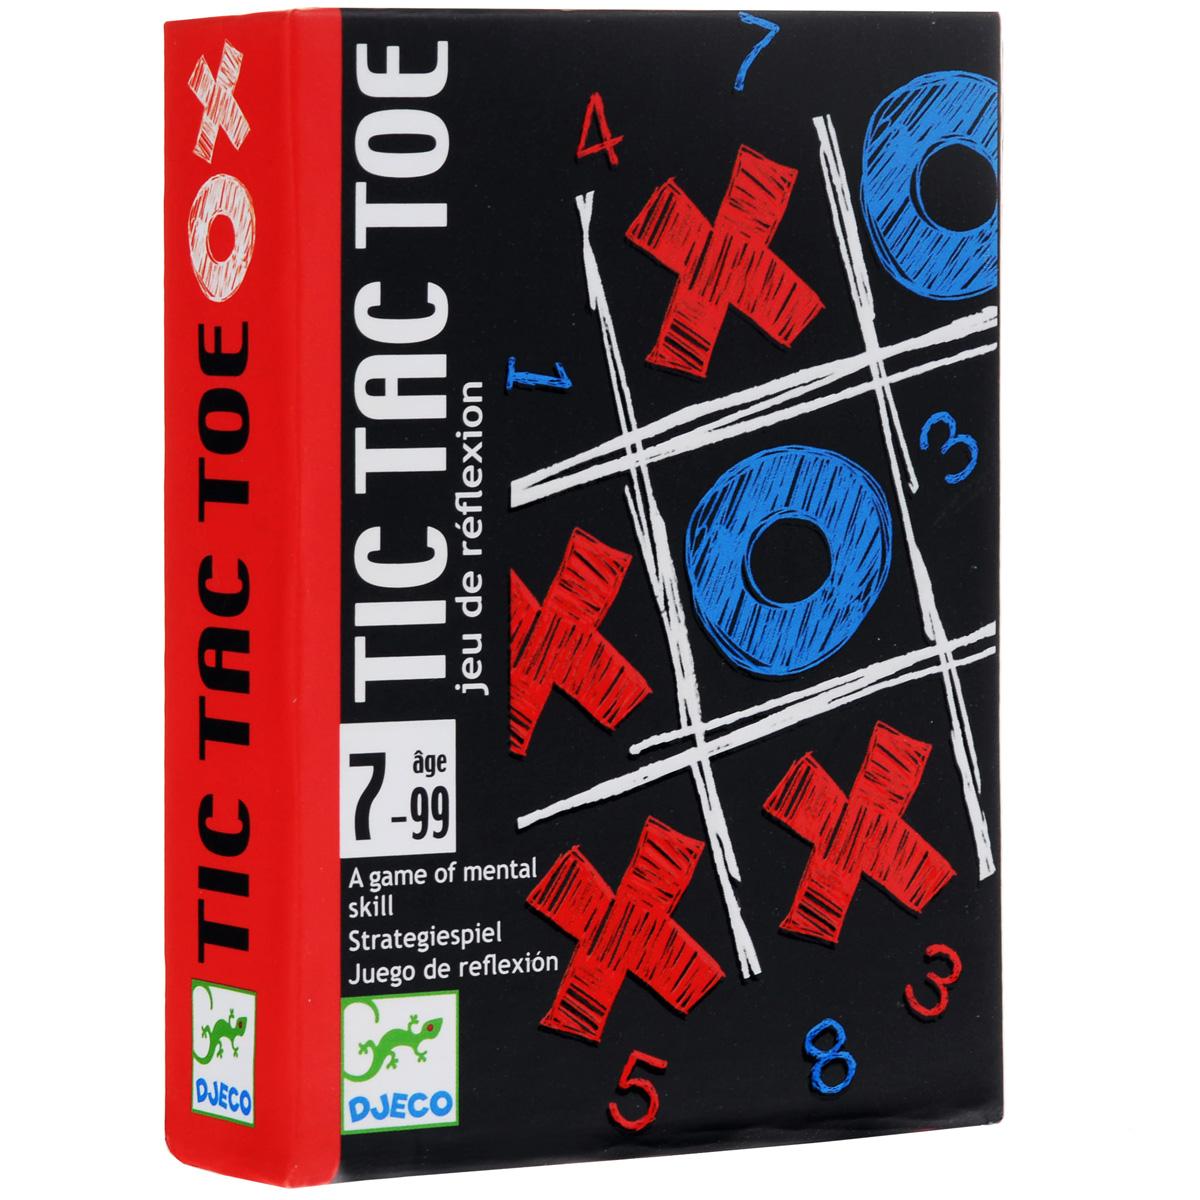 Карточная игра Djeco Крестики-нолики05122Карточная игра Крестики-нолики от французской компании Djeco понравится как детям, так и взрослым. Новый формат всеми любимой и давно известной игры делает ее еще более увлекательной и азартной. Фирма Djeco выпускает высококачественные игрушки, которые несут образовательный и развлекательный характер, развивают воображение и художественный вкус, к разработке привлекаются детские психологи, профессиональные дизайнеры и иллюстраторы. В набор входит колода из 36 карт (18 синих и 18 красных), 6 желтых карт стирания, 2 зеленые карты стирания, 24 жетона. Цель игры остается прежней – собрать по диагонали, вертикали или горизонтали три карточки одинакового цвета.